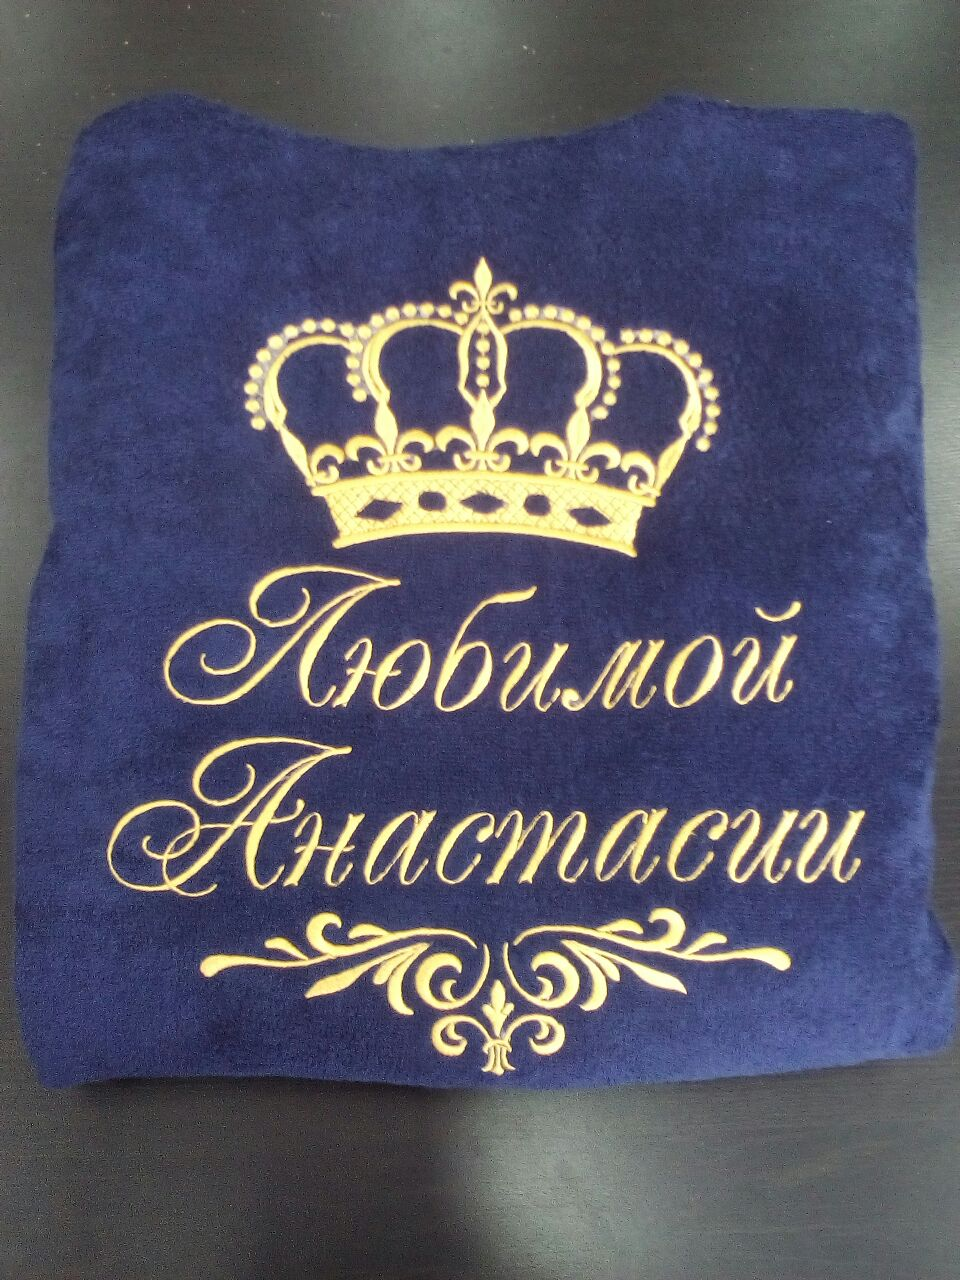 Вышивка на халатах на заказ ярославль